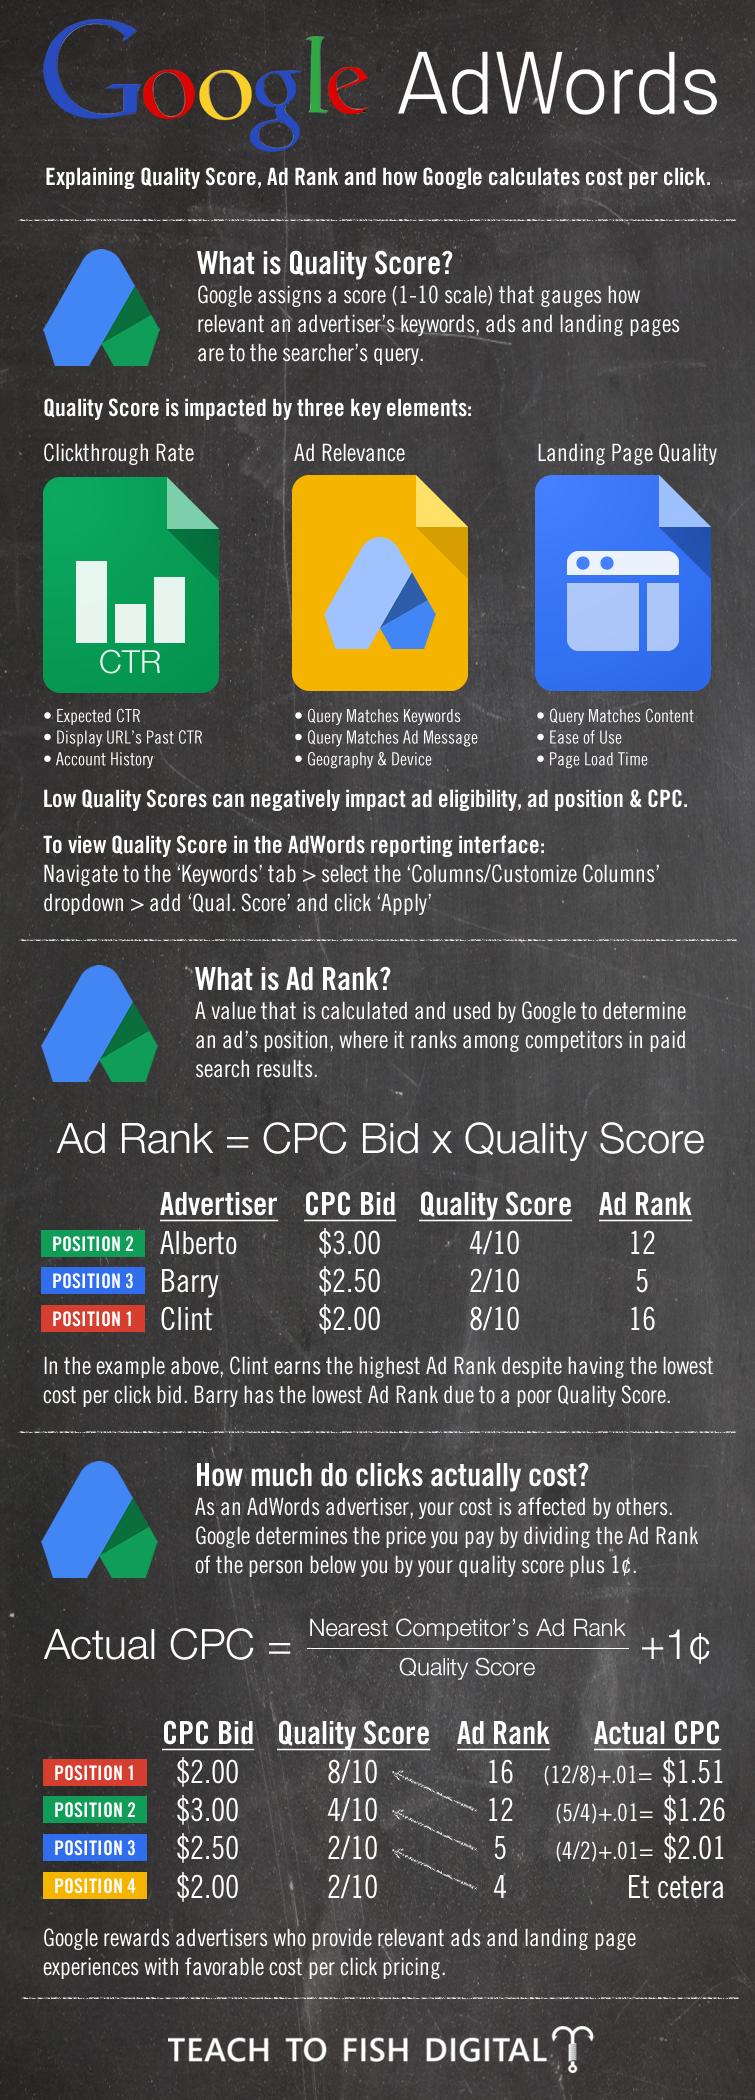 Google AdWords 101 [INFOGRAPHIC]